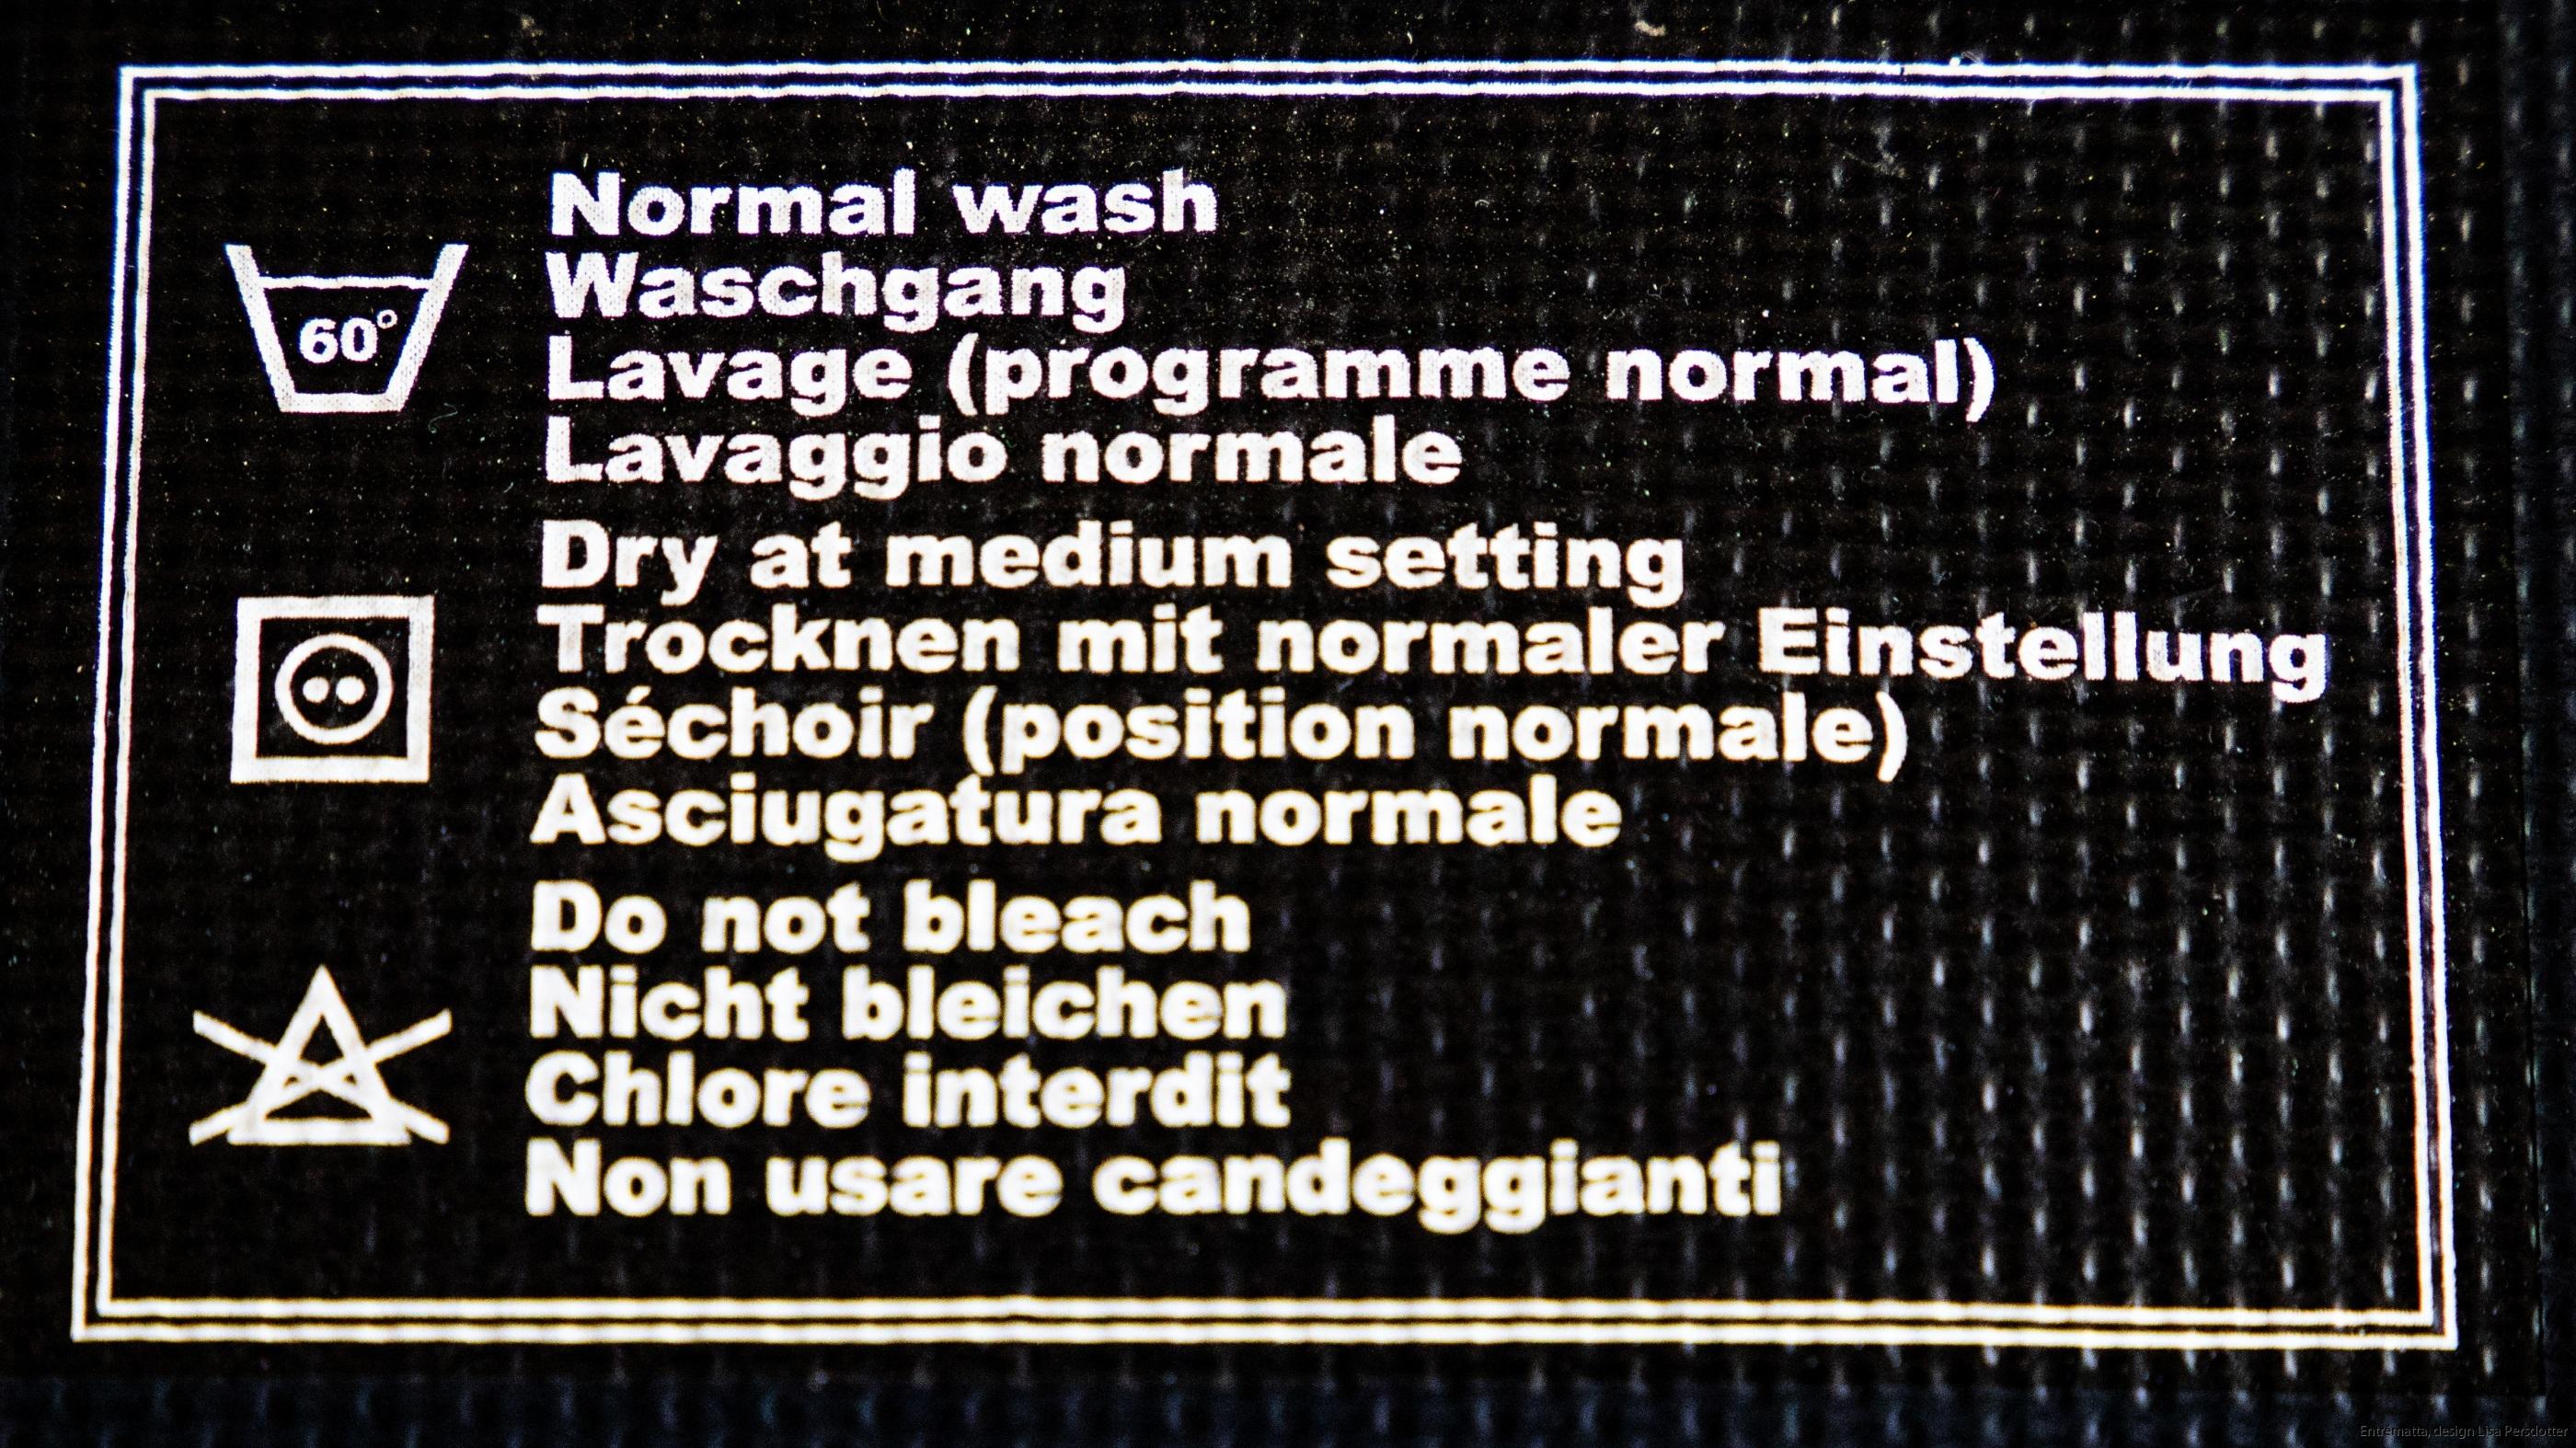 Matta tvätt 60 grader, colorjoy.se